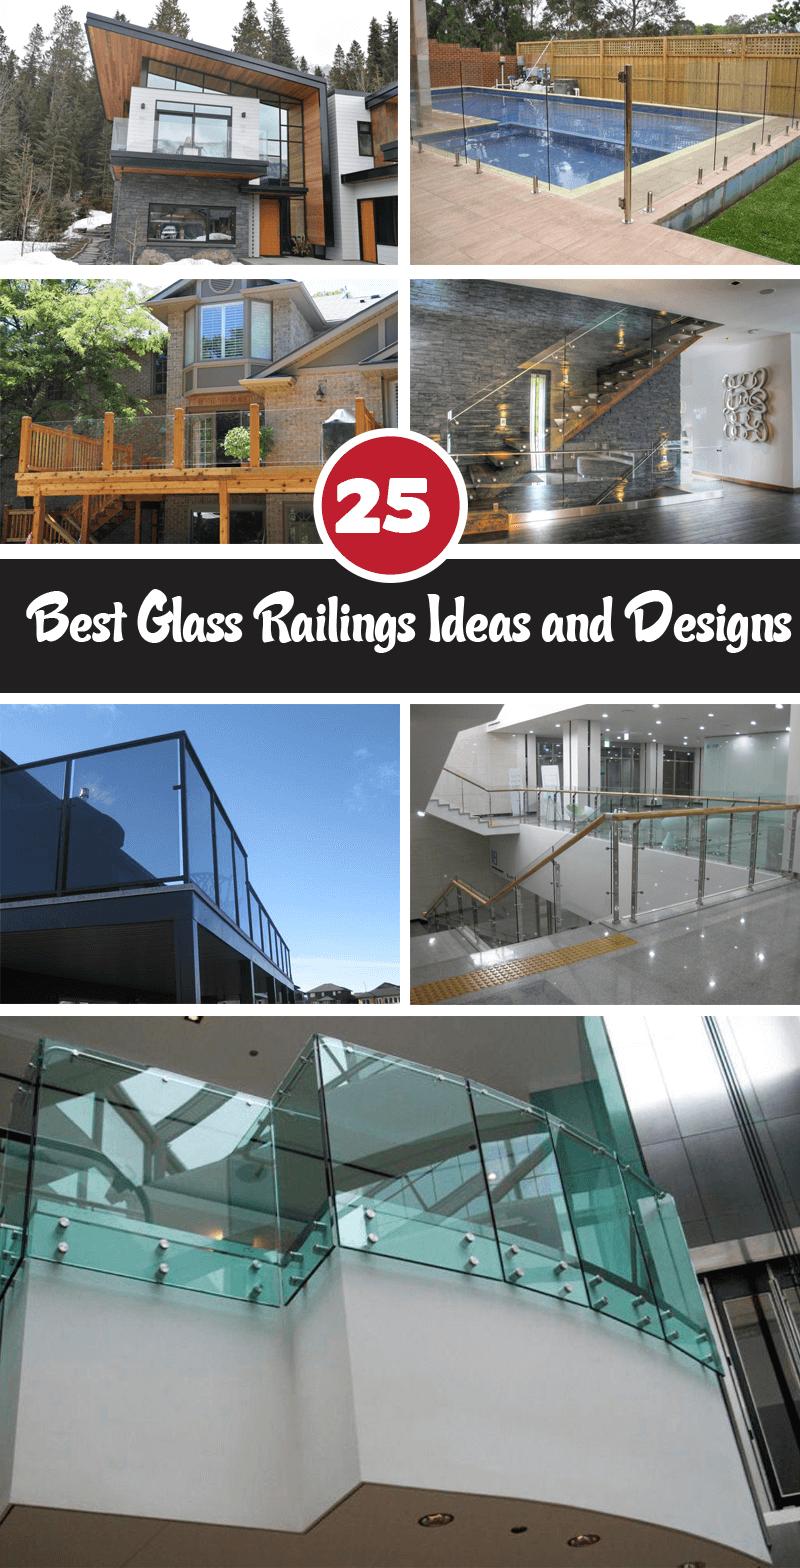 Best Glass Railings Ideas